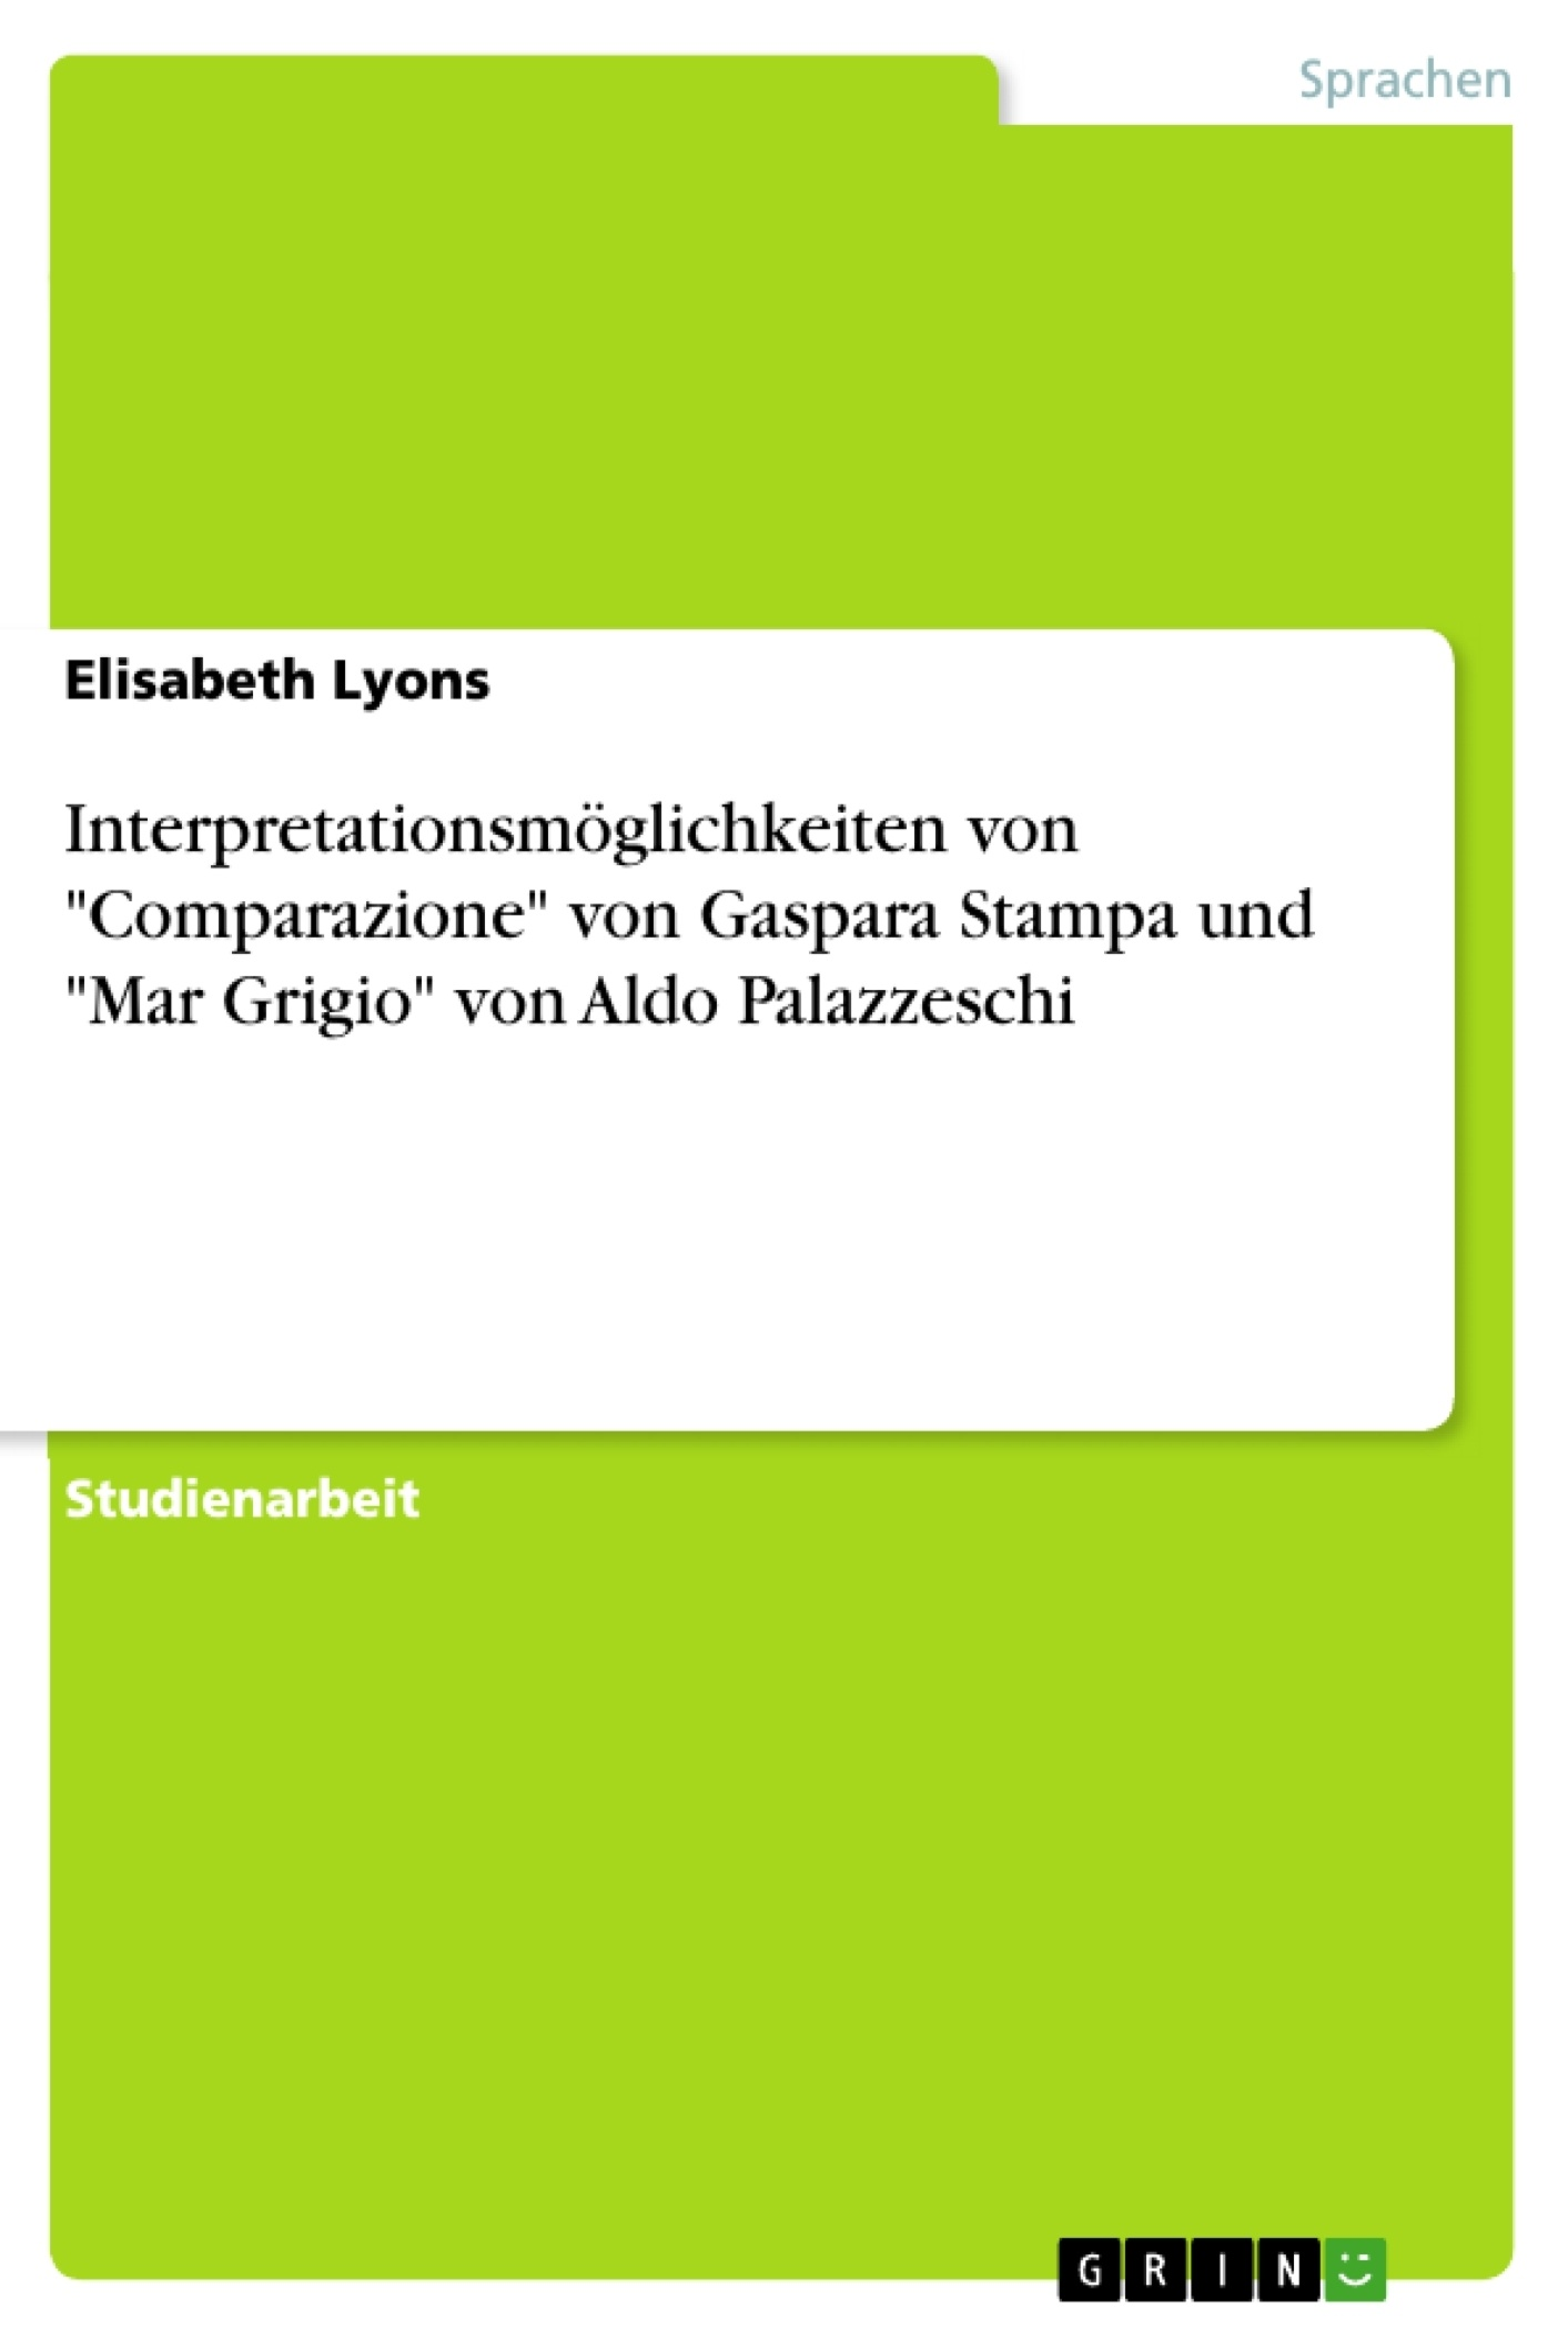 """Titel: Interpretationsmöglichkeiten von """"Comparazione"""" von Gaspara Stampa und """"Mar Grigio"""" von Aldo Palazzeschi"""